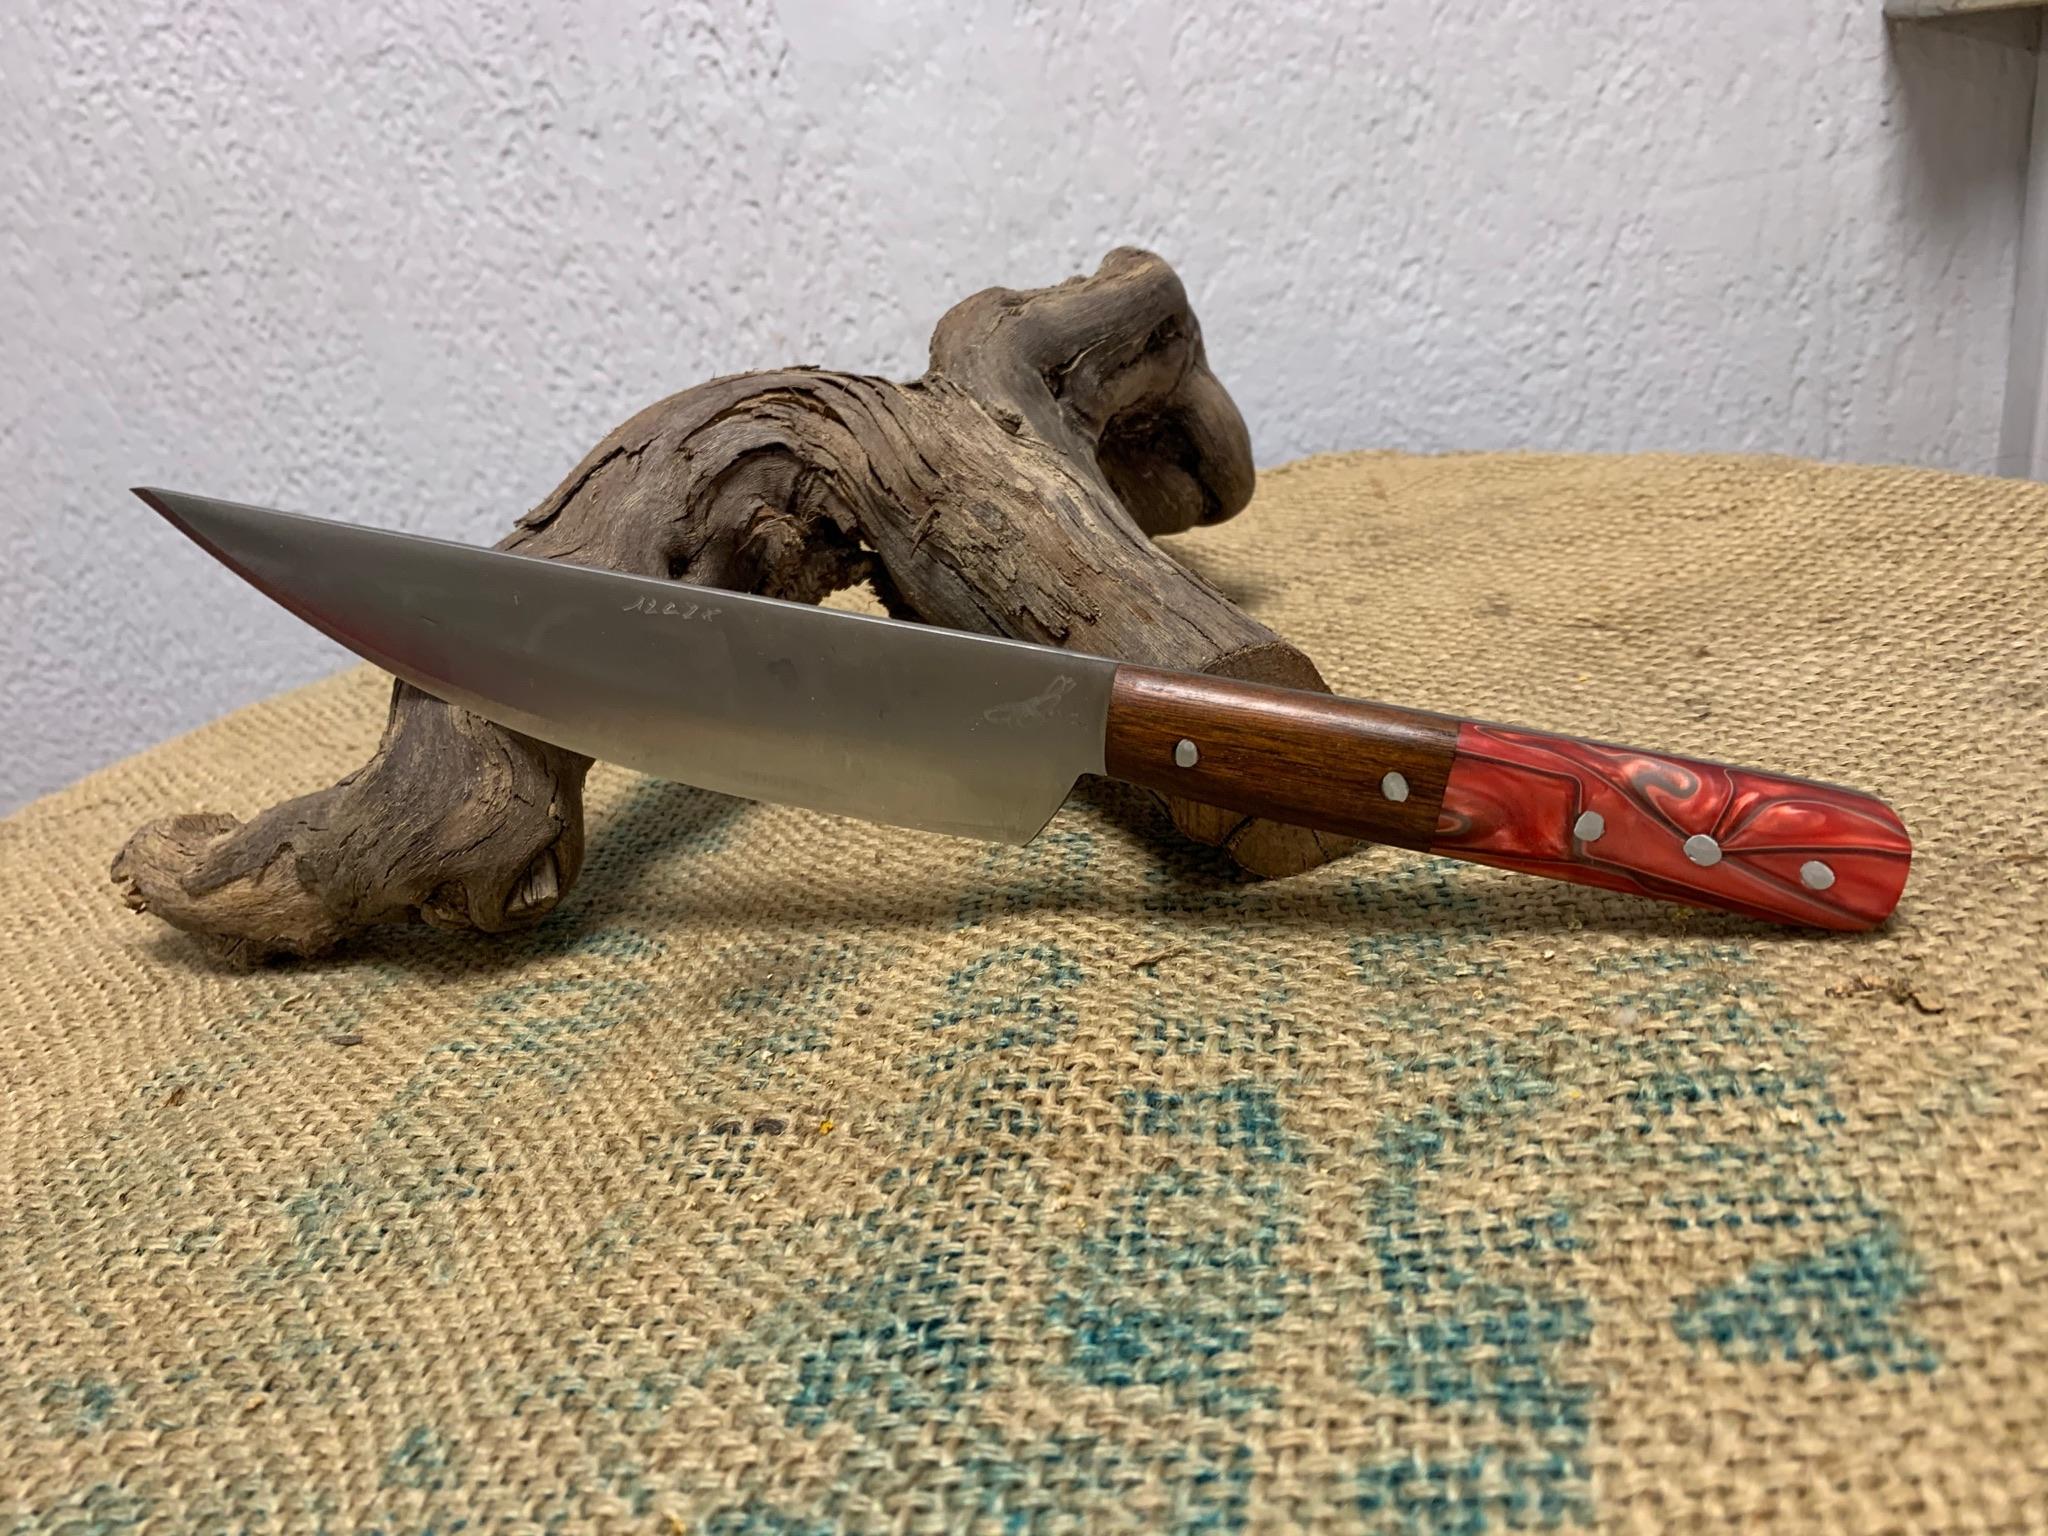 Couteau de Cuisine Ref C 0920/26